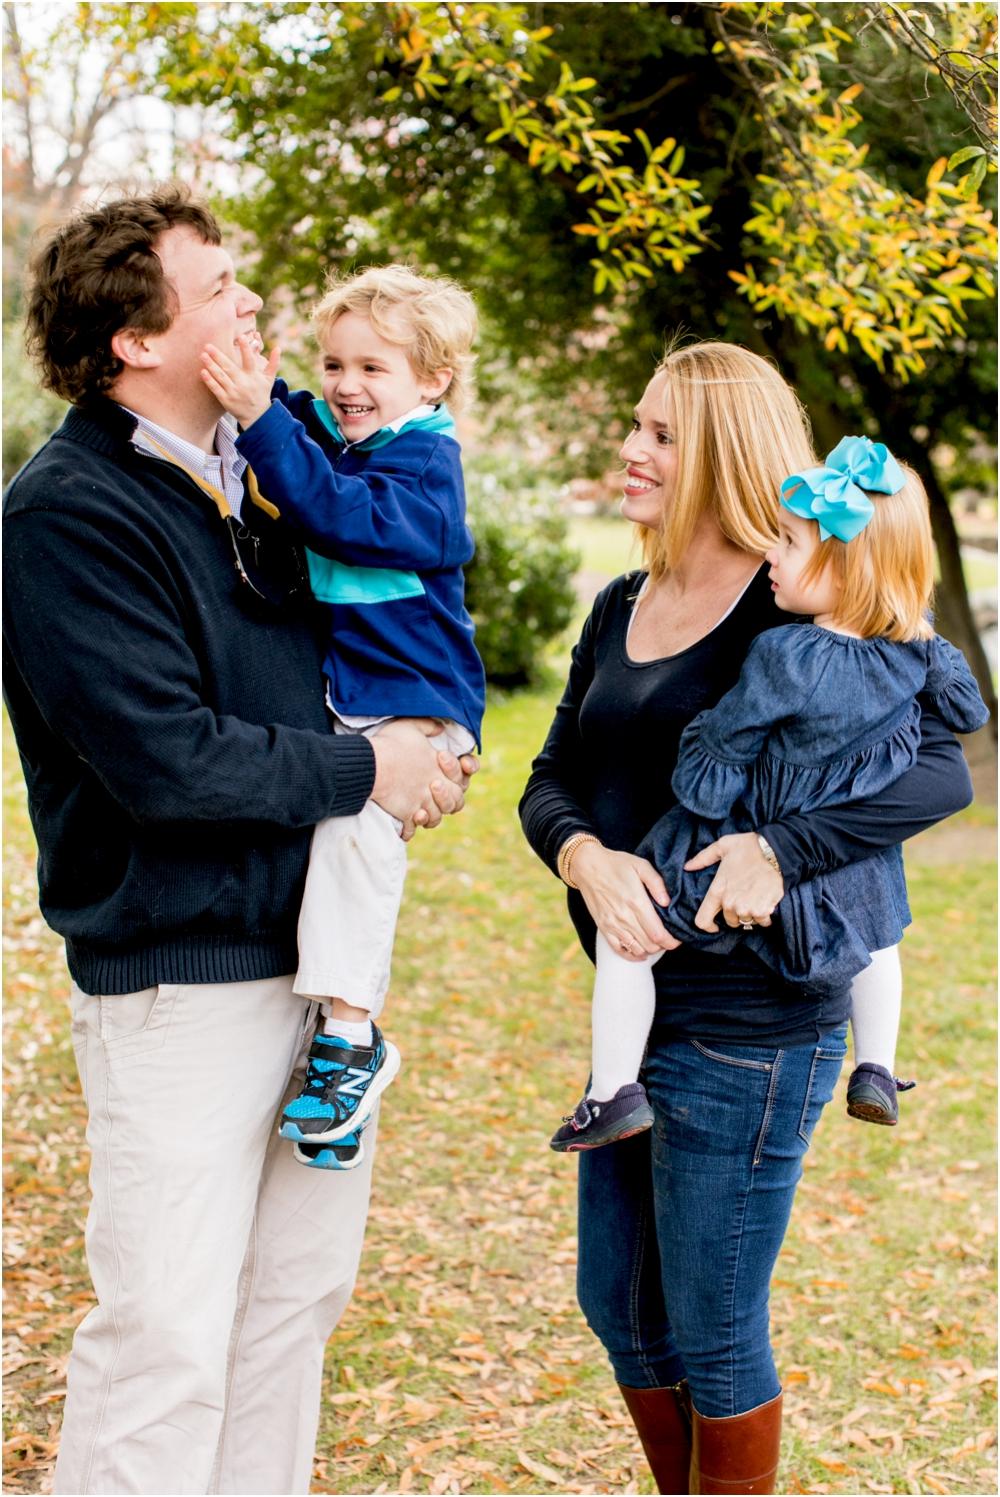 kate john schmick roland park family session living radiant photography_0002.jpg